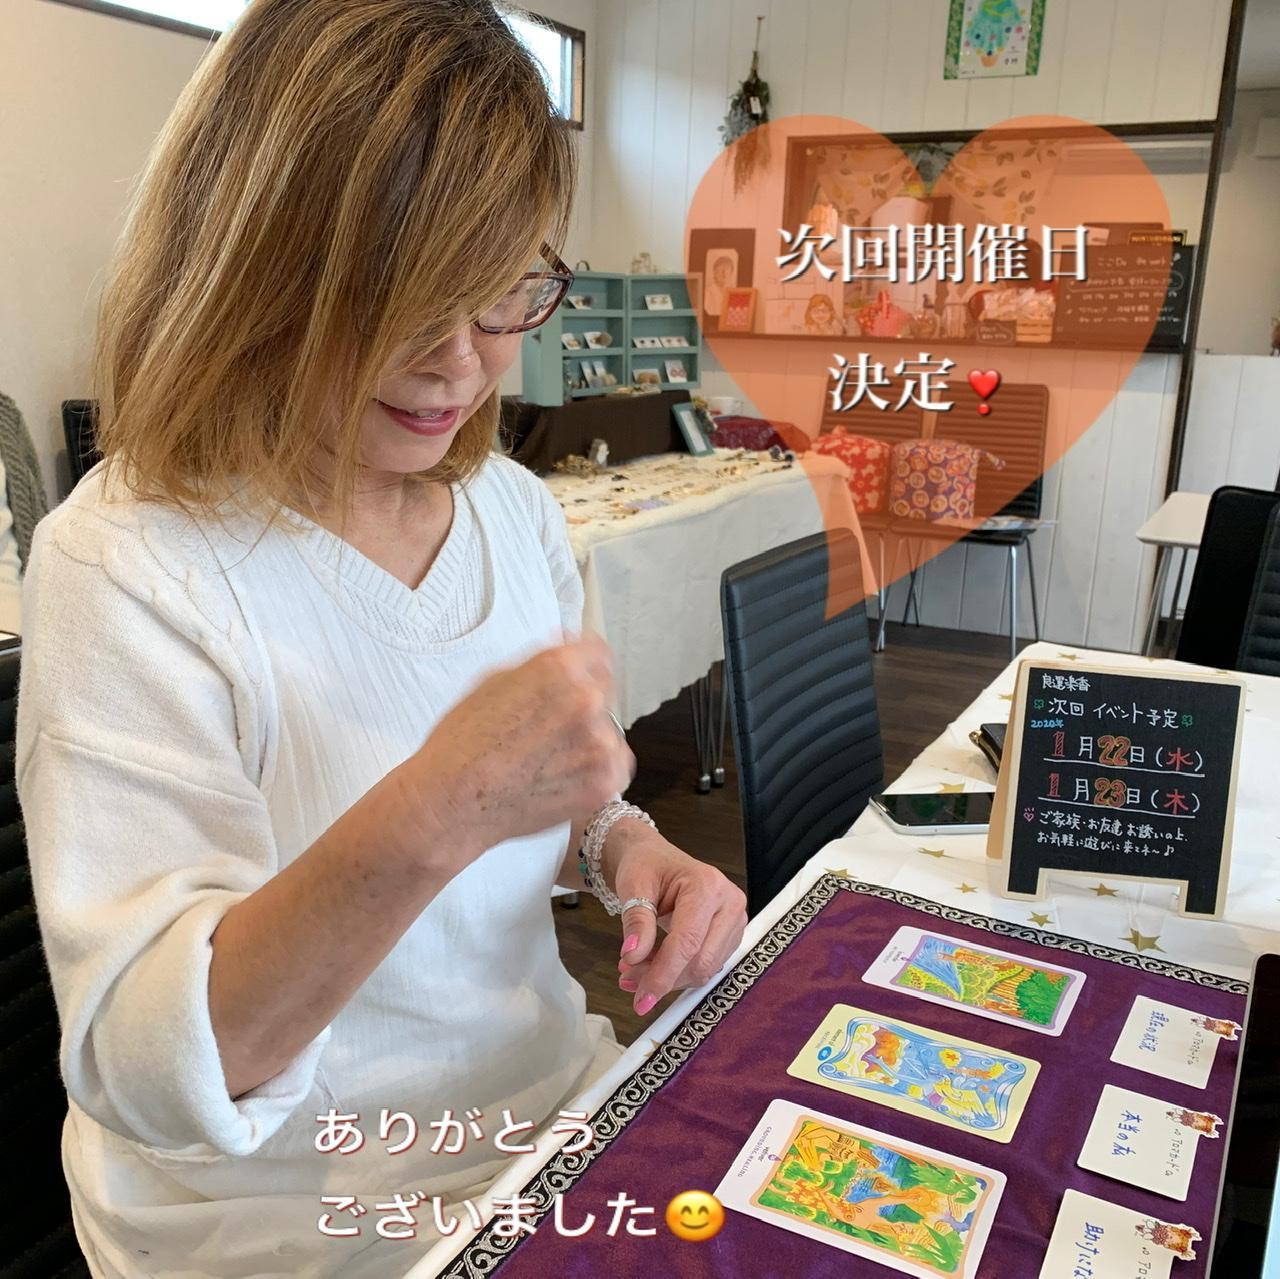 【イベント情報】2020年★1/22・1/23・2/7・2/8★